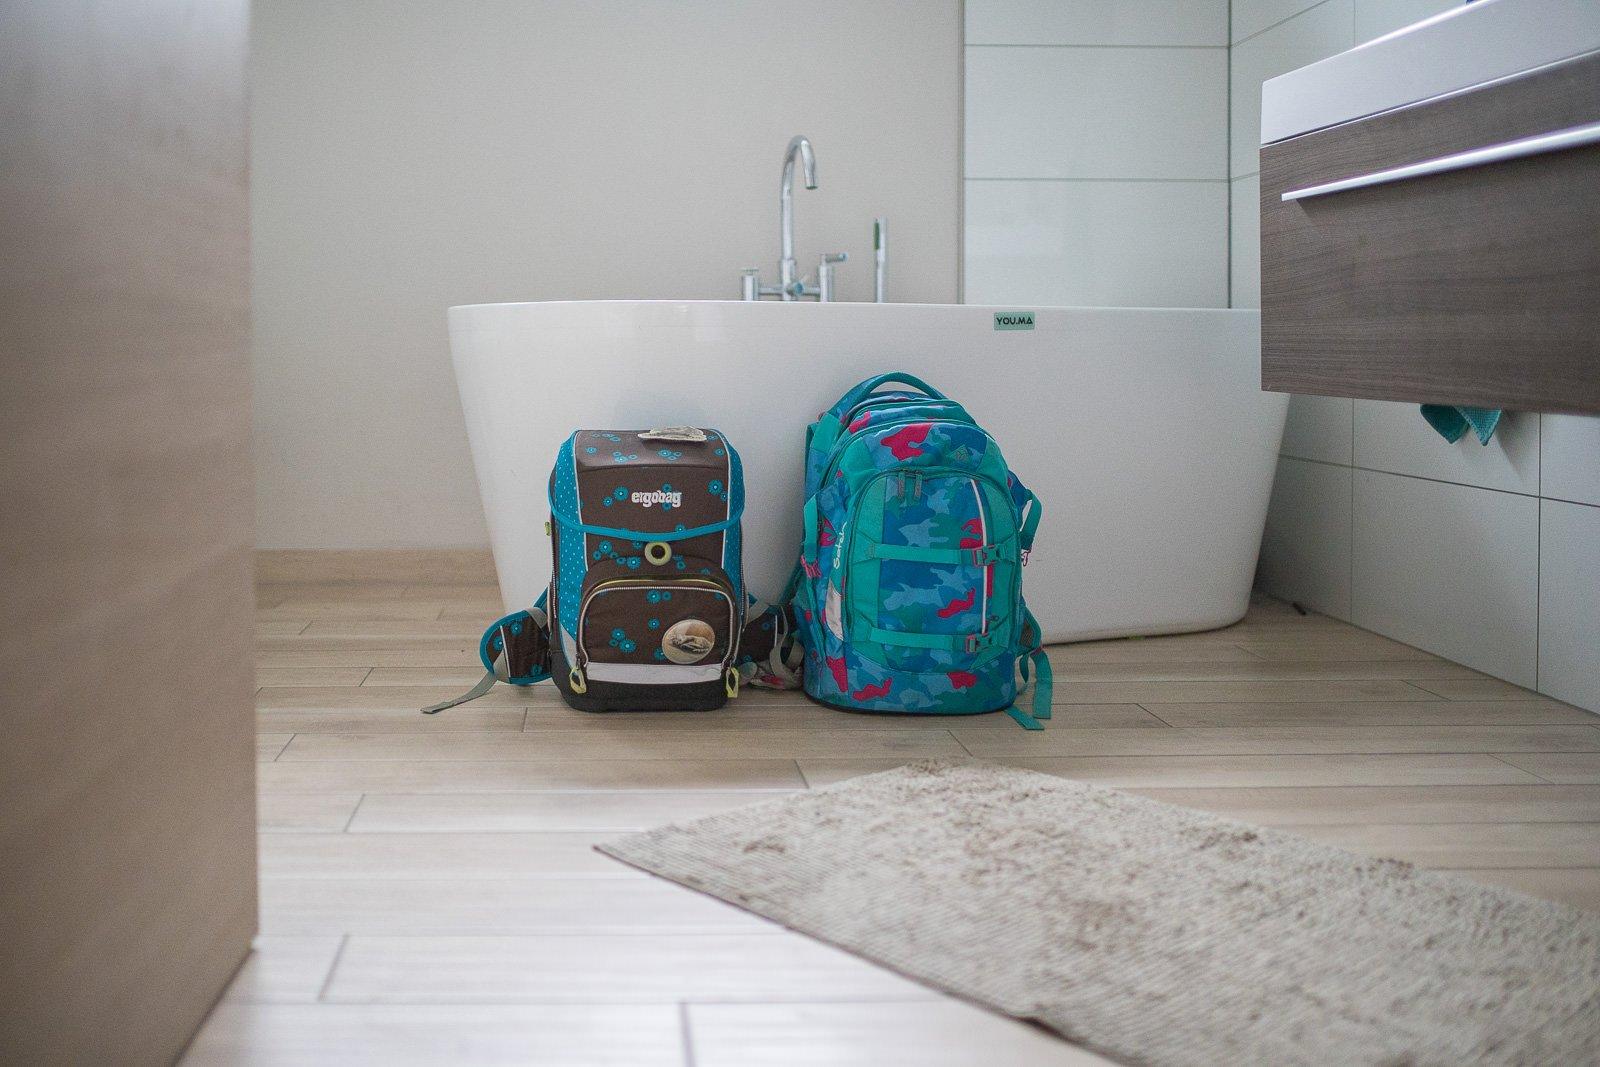 schulranzen sauber machen sp lmaschine vs handw sche. Black Bedroom Furniture Sets. Home Design Ideas